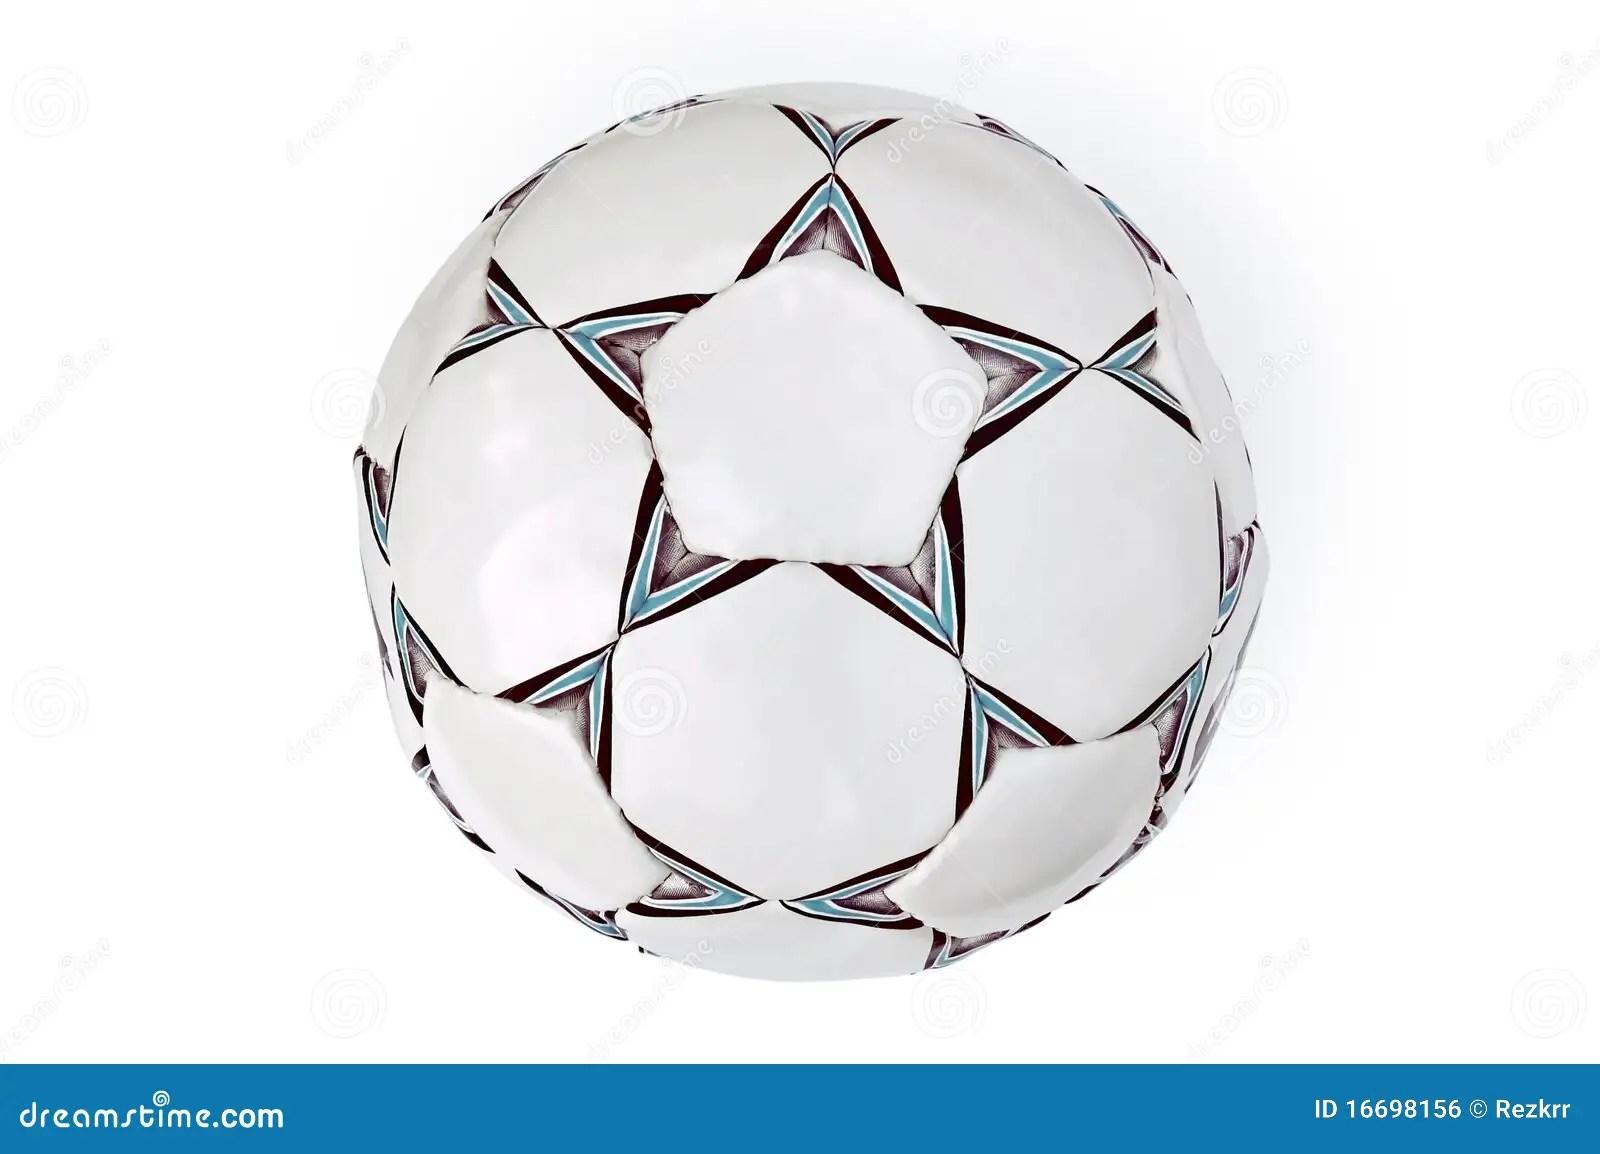 Soccer Ball Stock Photo Image Of Pentagon Soccer White